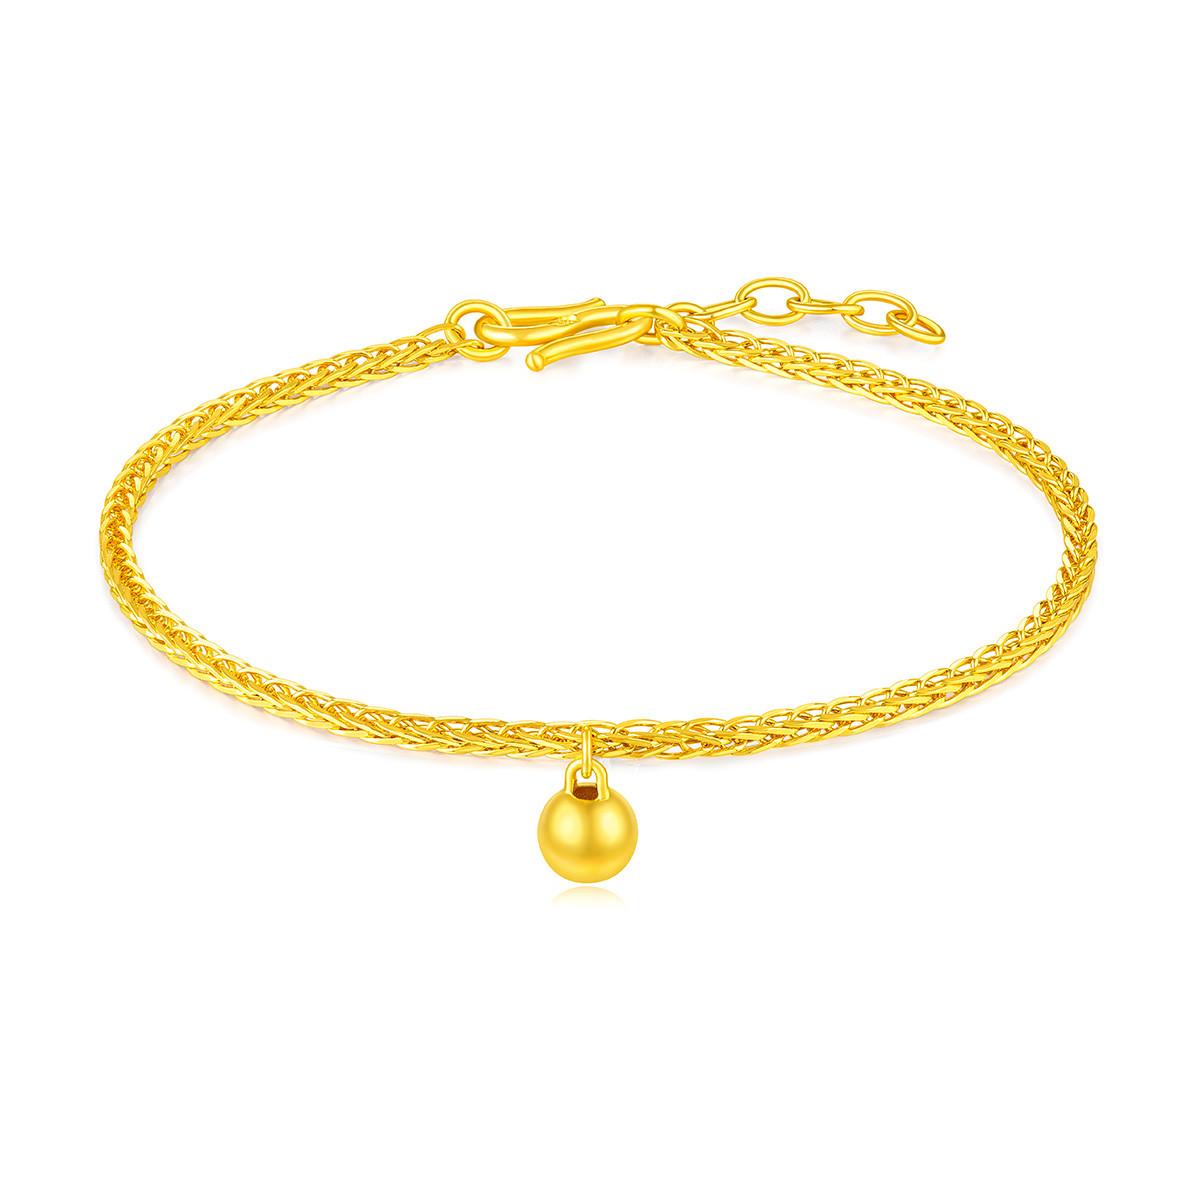 六福珠宝六福珠宝简约小金珠手链含延长链黄金手链女款计价F63TBGB0025